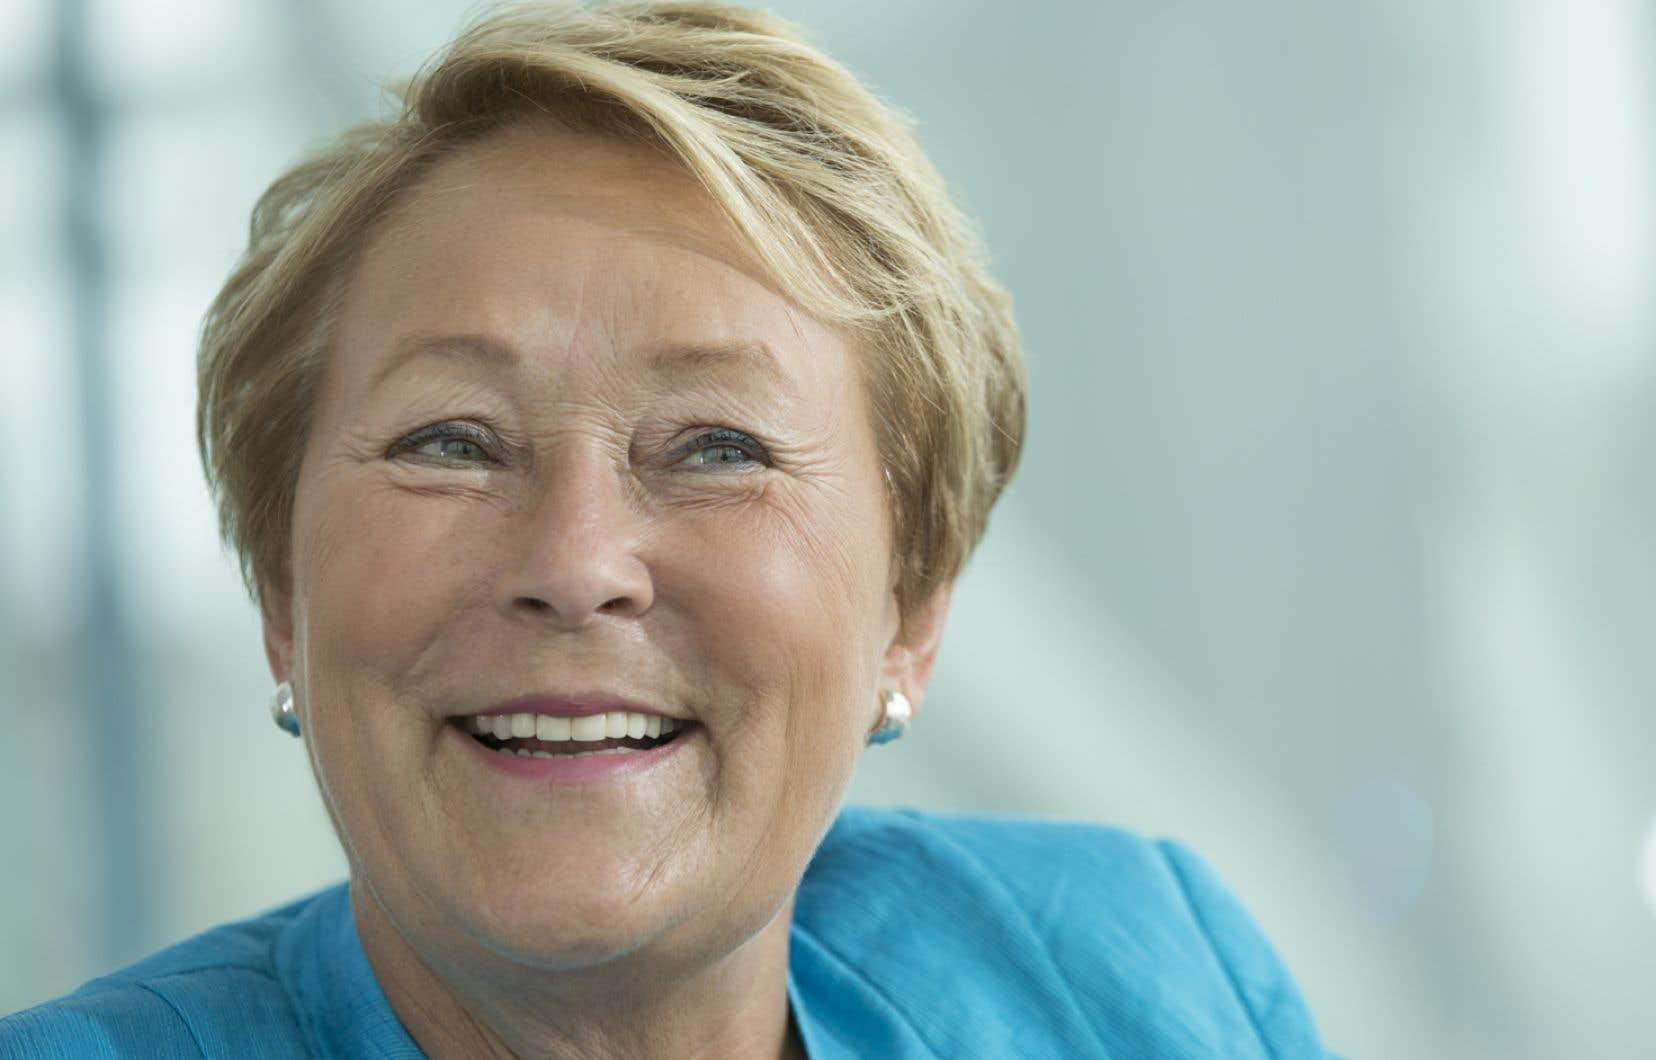 Pauline Marois avait remis sa démission le 4 avril dernier, après la défaite cuisante du Parti québécois.